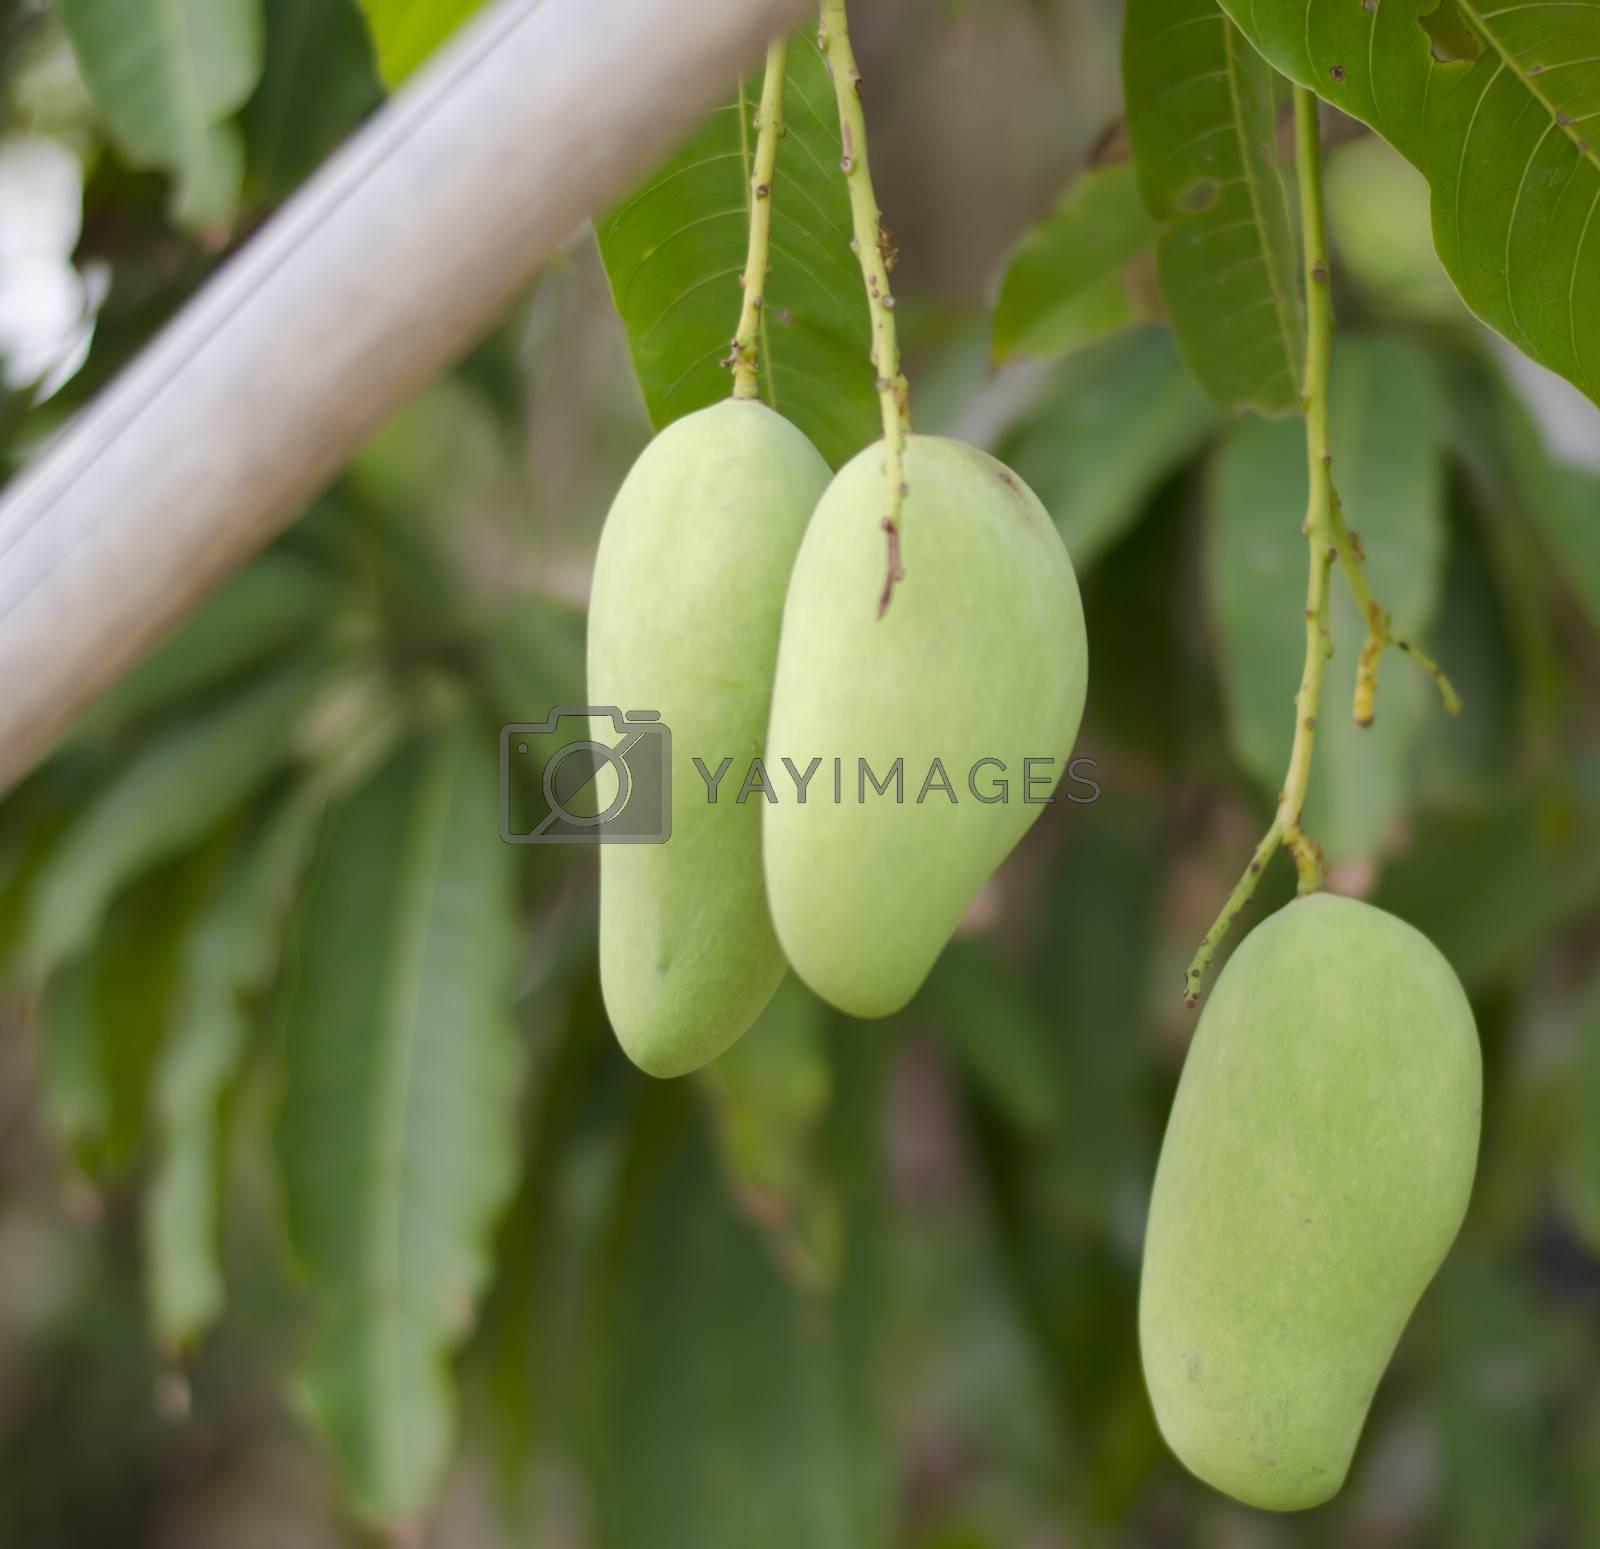 green mango on tree in asia